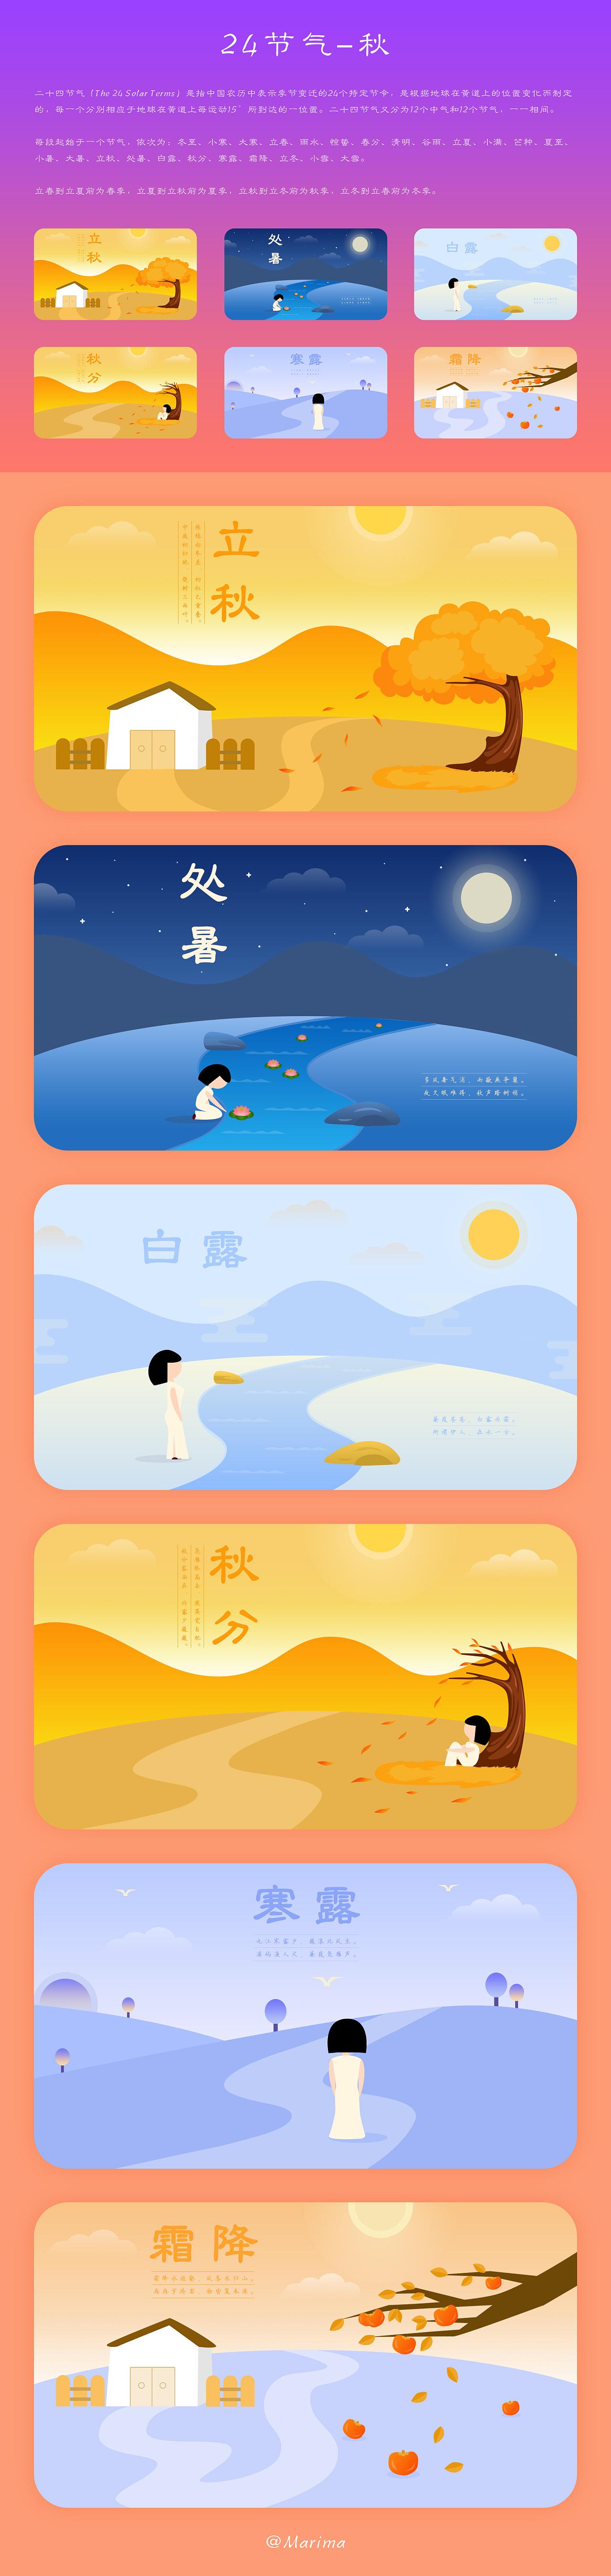 手绘24节气-秋(原创)